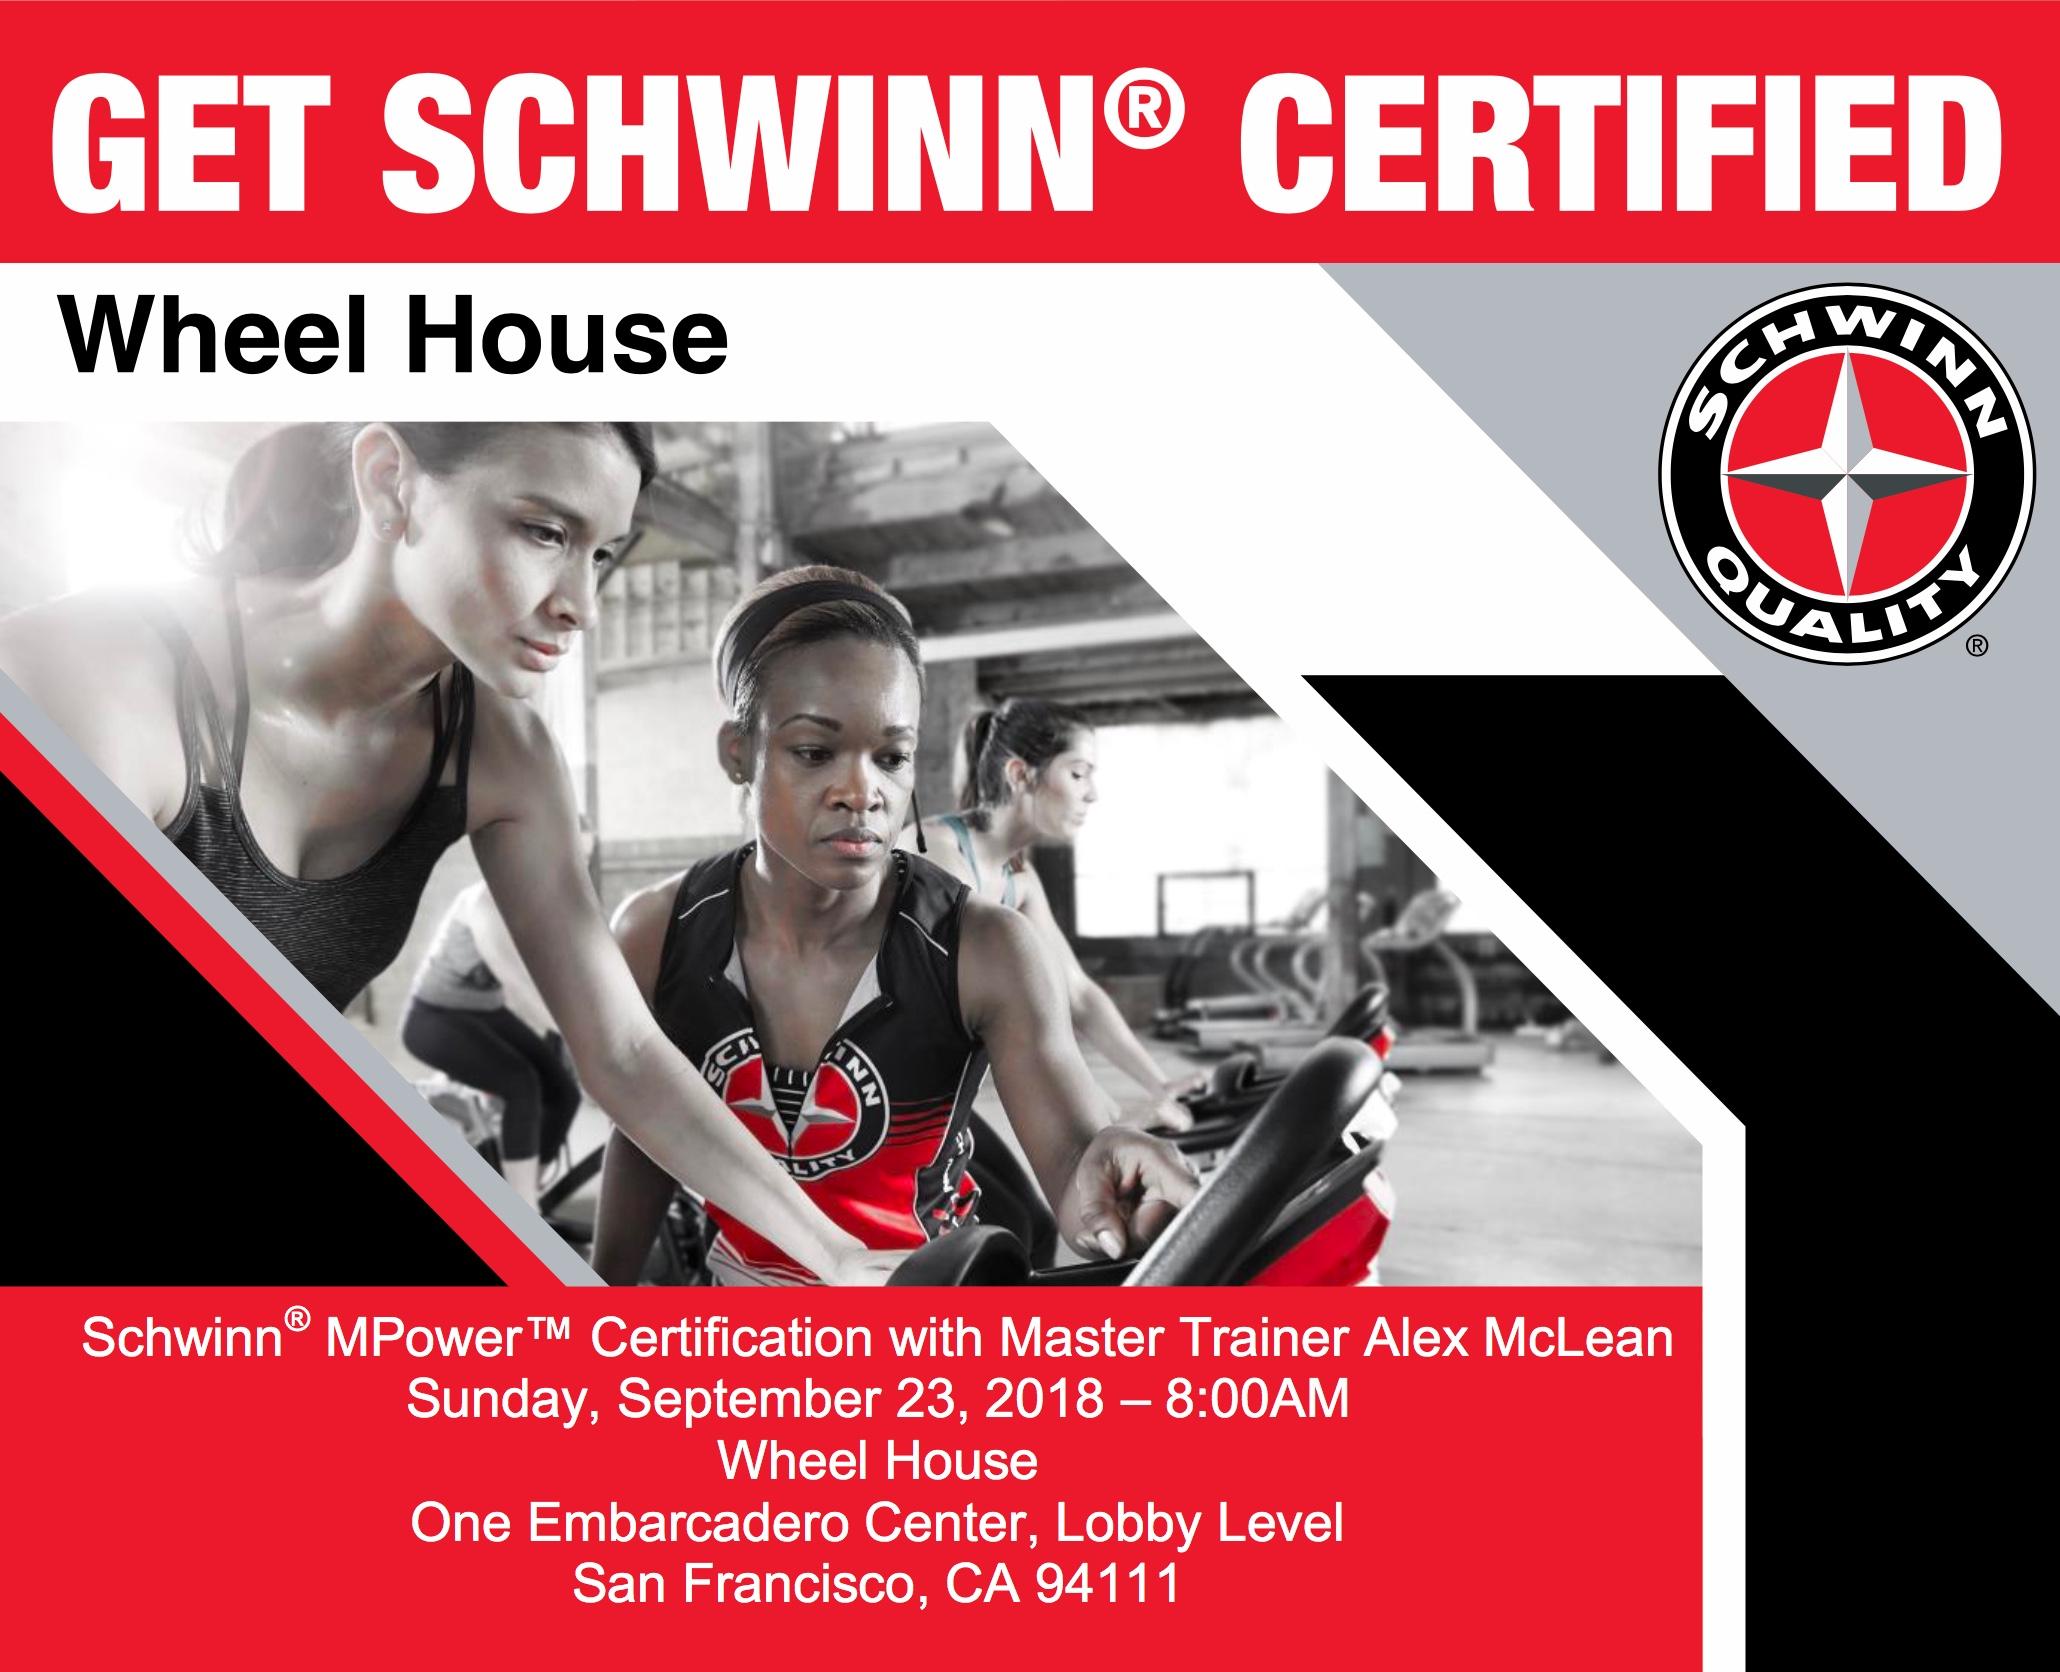 Schwinn® MPower TM Certification with Master Trainer Alex McLean